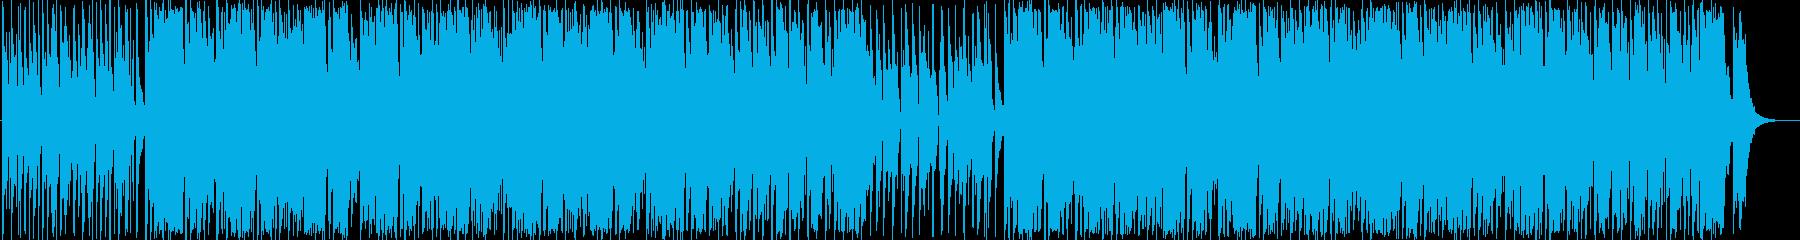 スパイ・ミッション・コミカルBGMの再生済みの波形